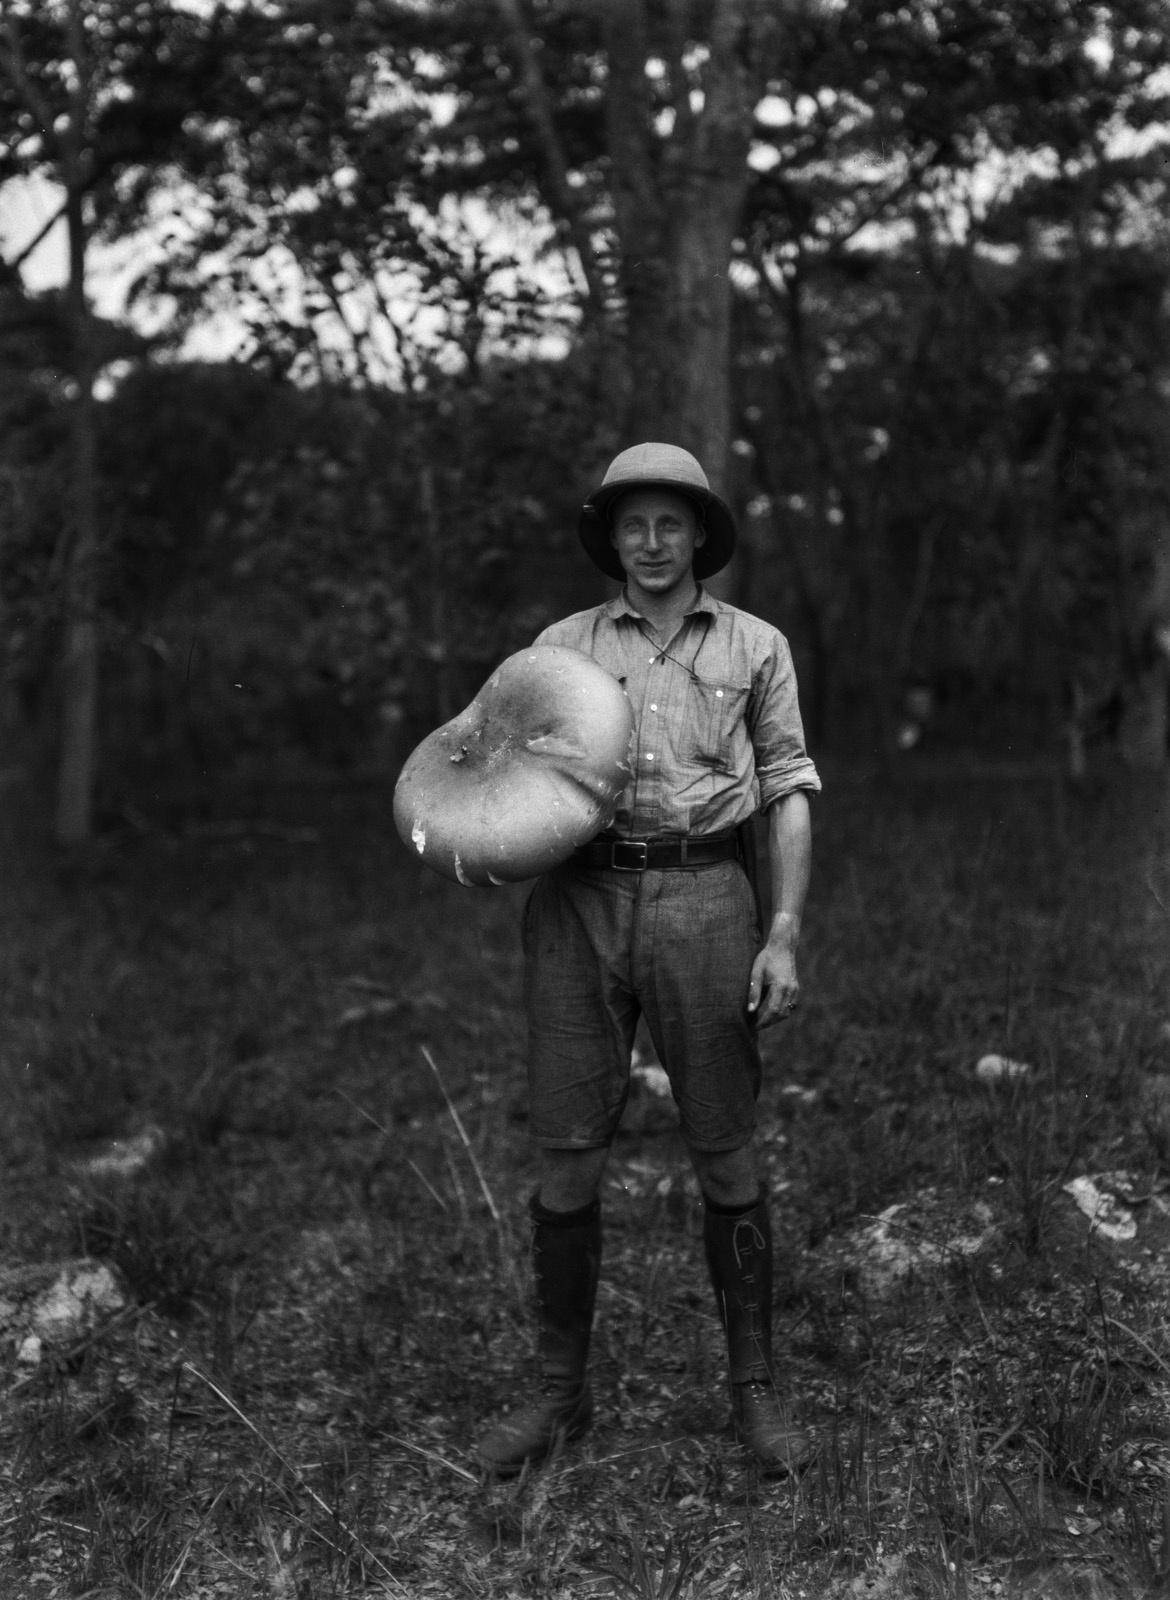 Н'Чанга. Геолог Эрнст Акерманн (1906-2003) с большим съедобным грибом